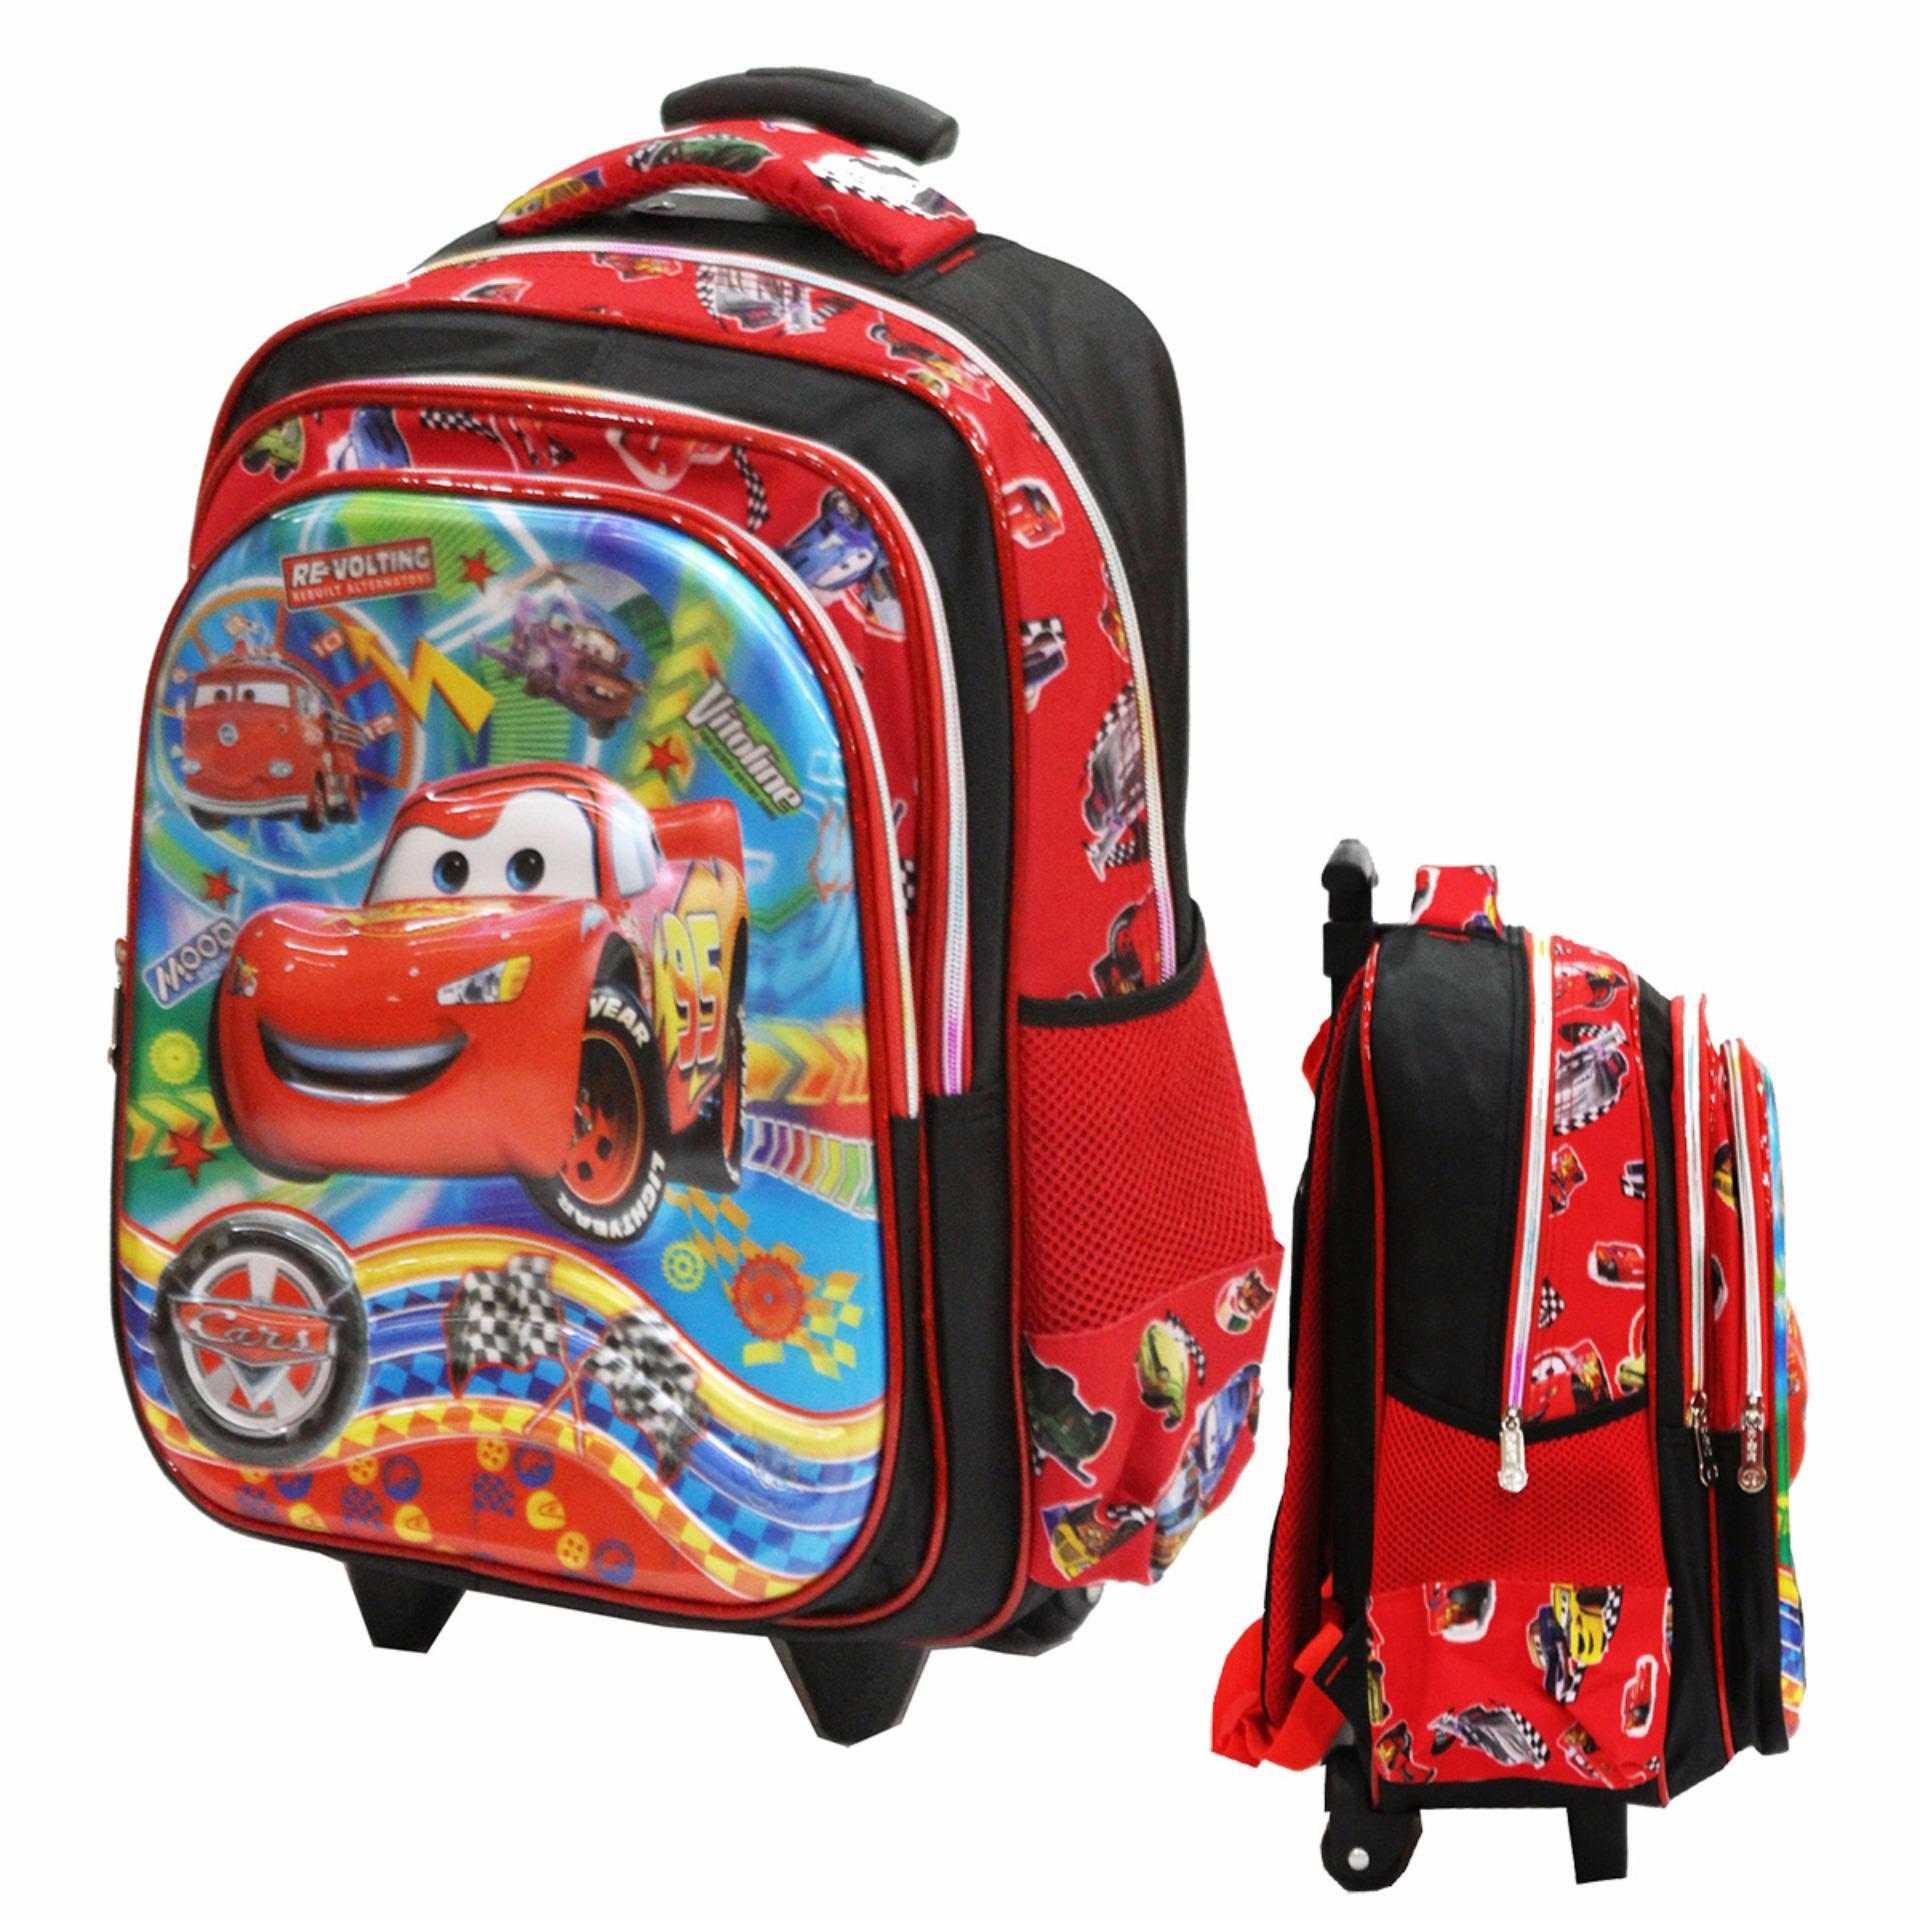 Jual Onlan Cars Mcqueen 5D Timbul Unik Tas Trolley Ukuran Anak Sekolah Sd Import Red Original